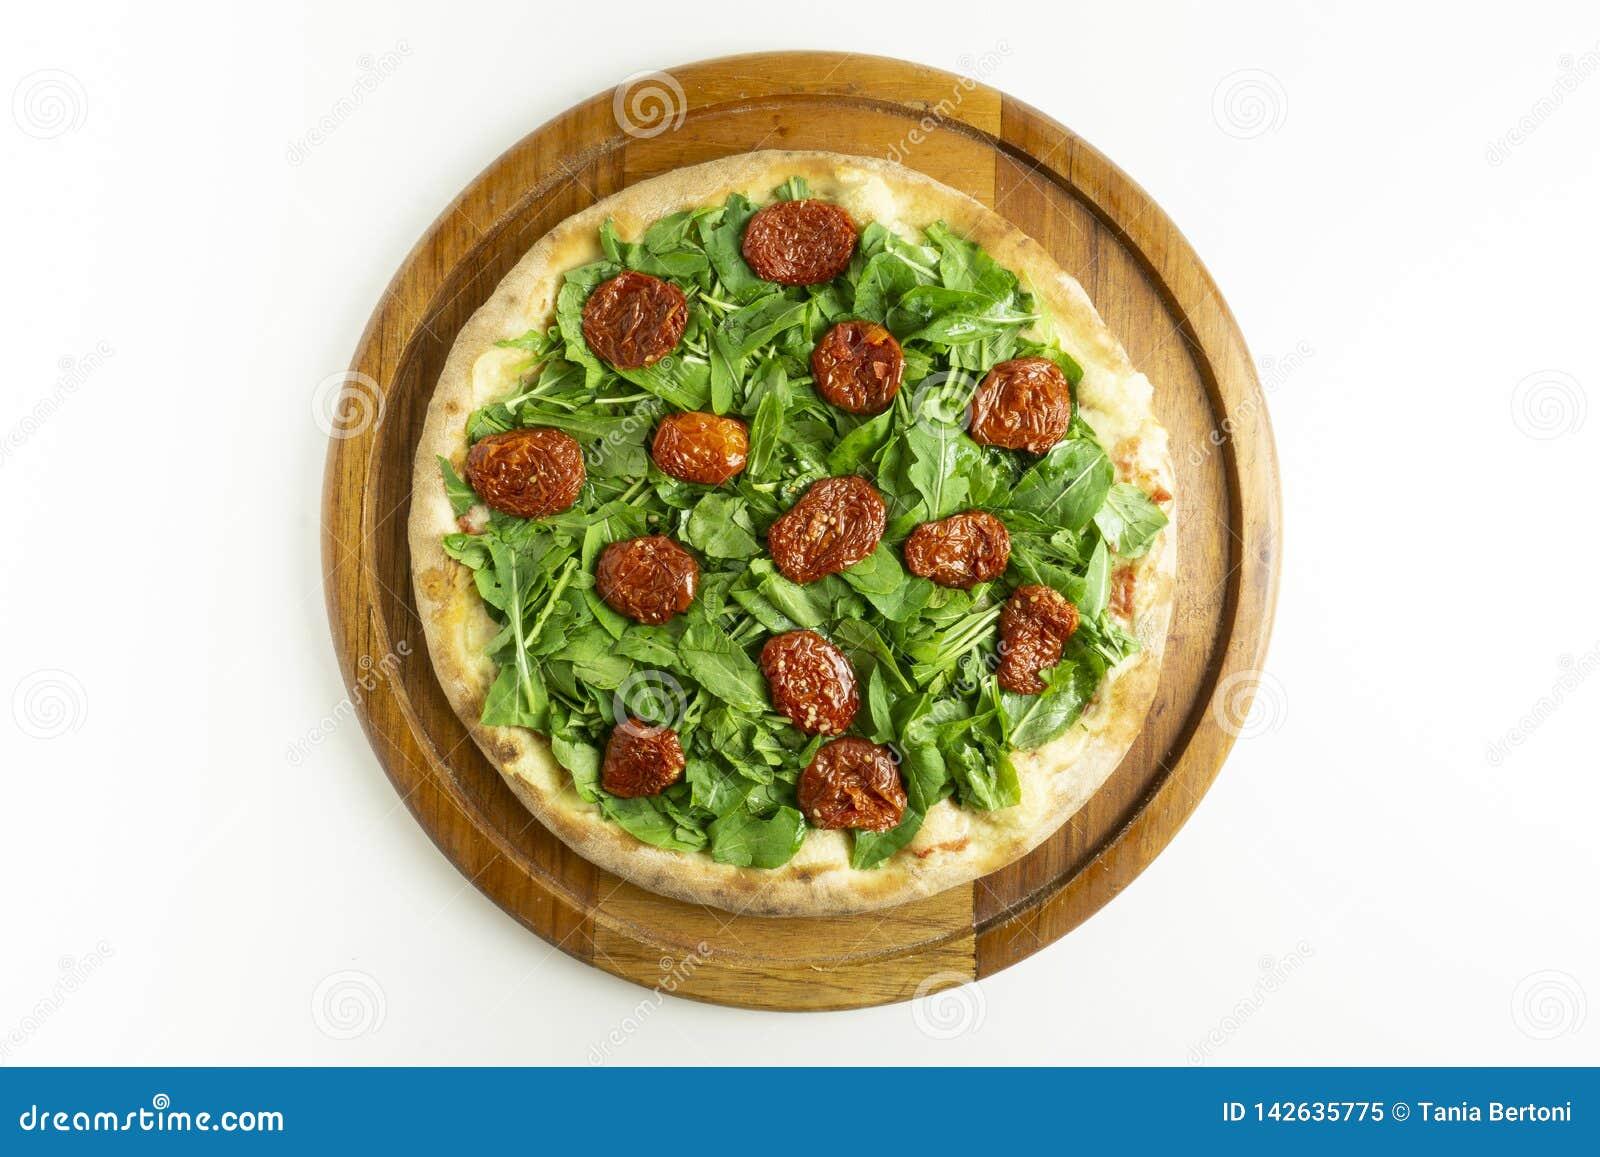 Pizza grande com rucula e tomate seco no fundo branco